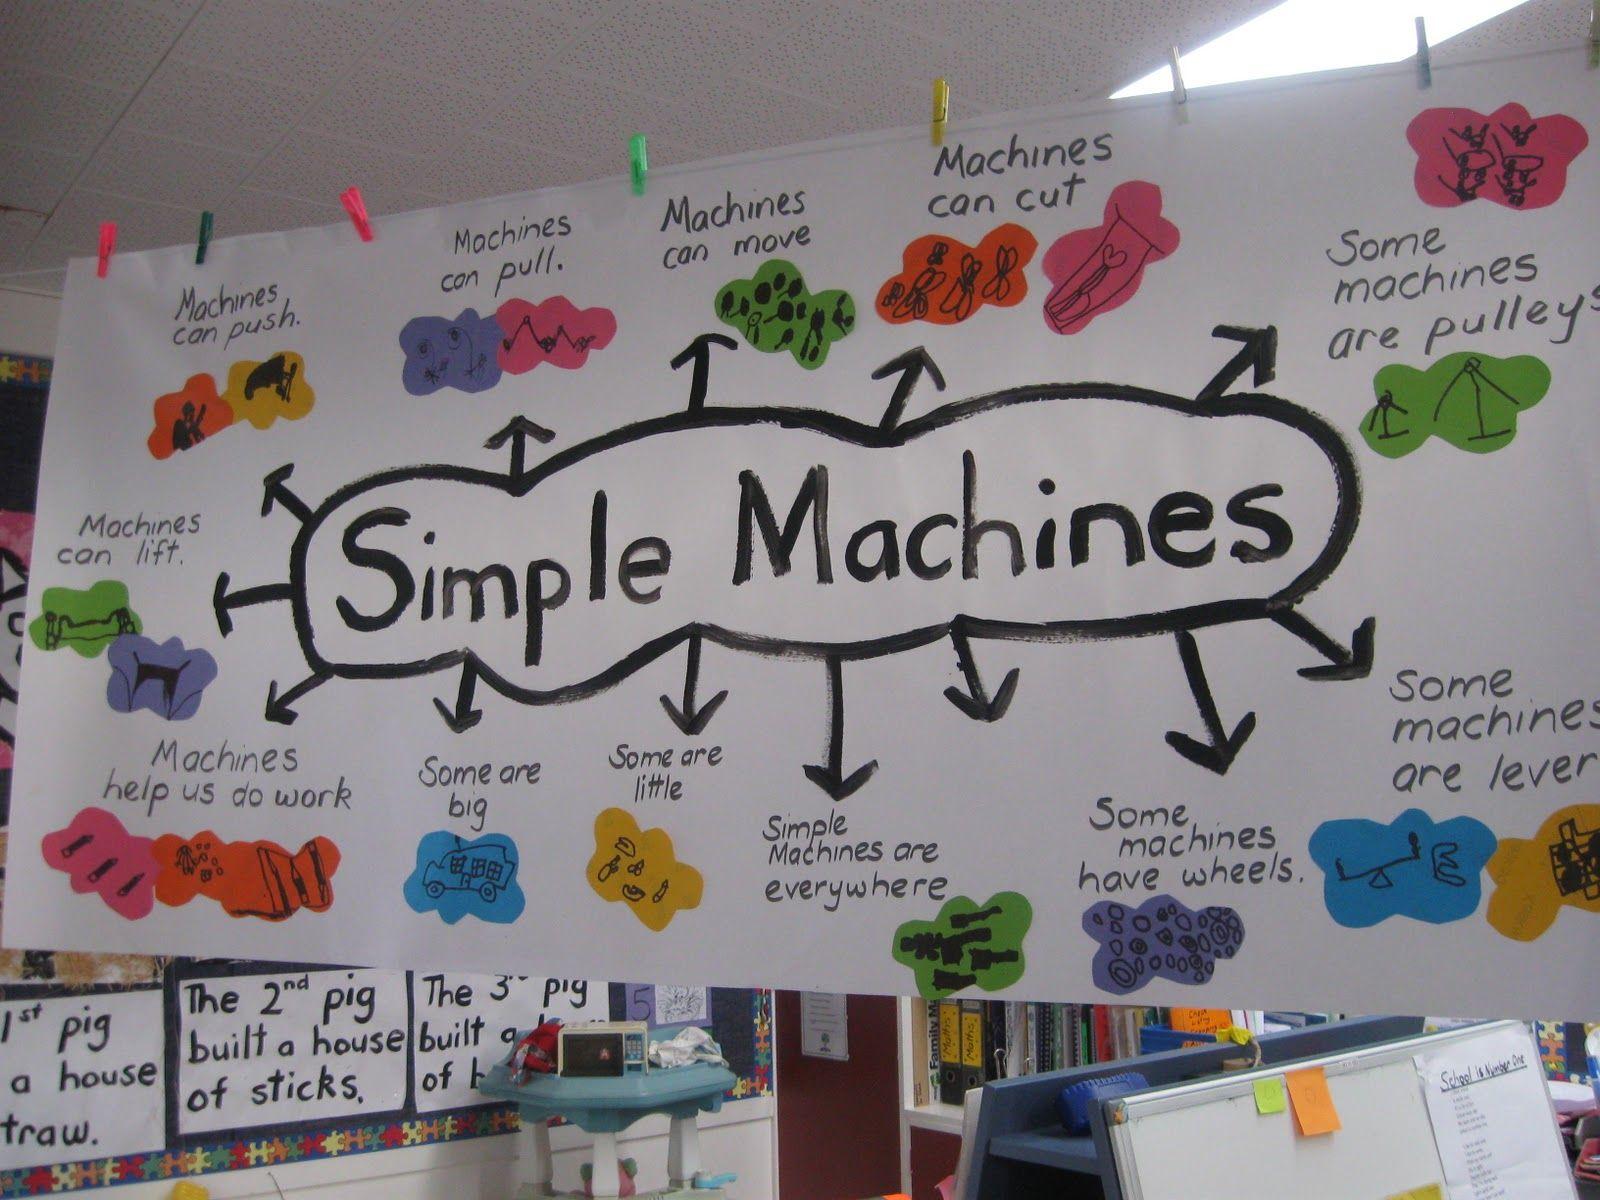 Simple Machines Description